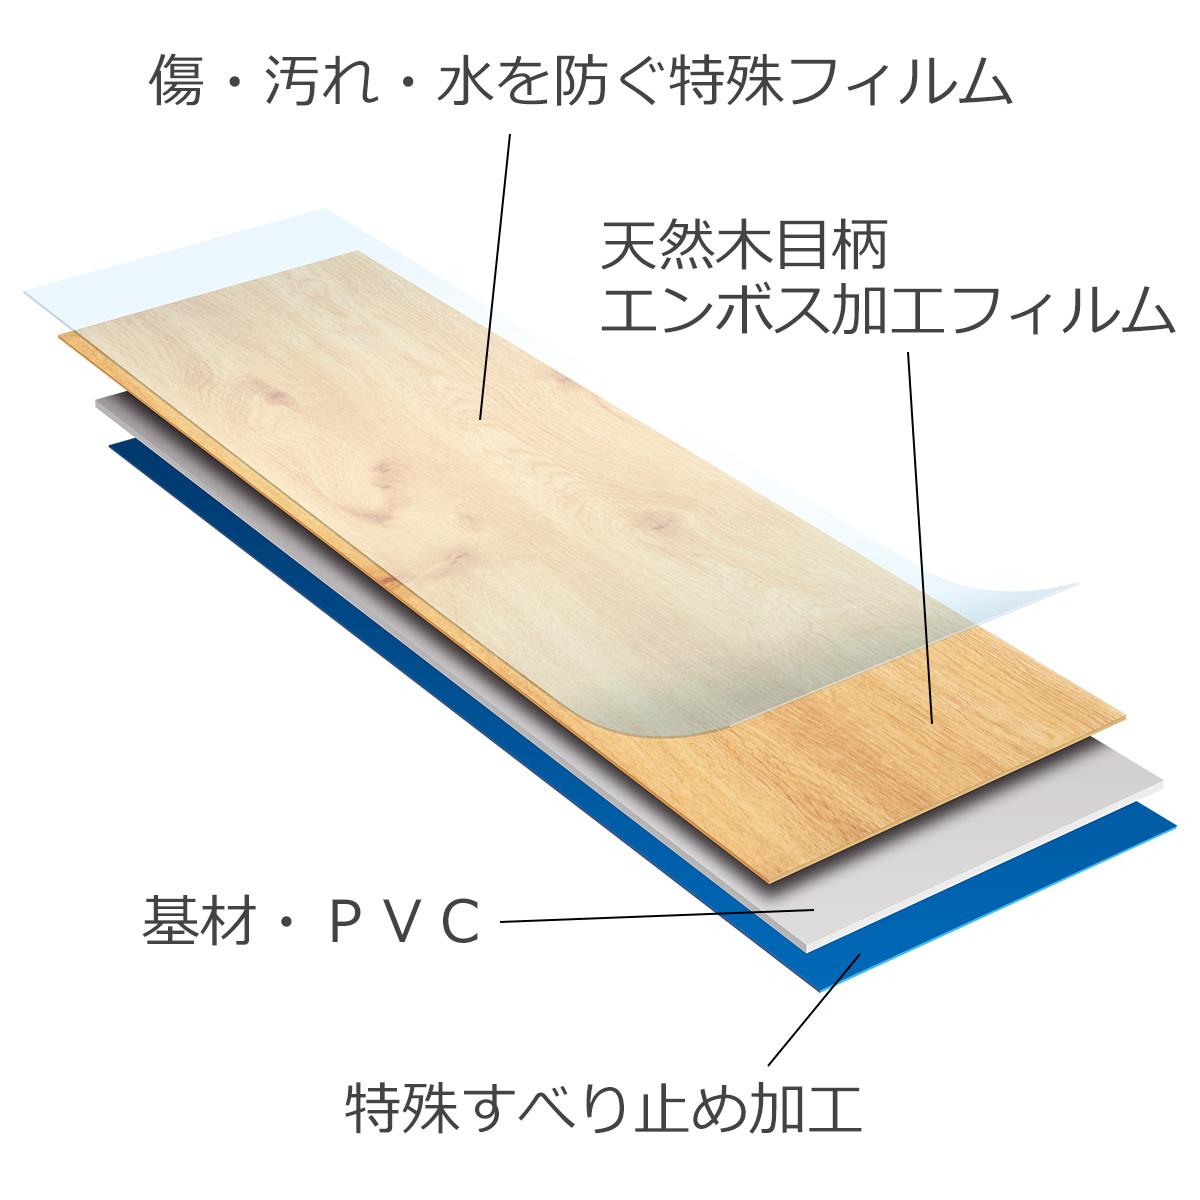 オクユカ構造 傷・汚れ・水を防ぐ特殊フィルム 天然木目柄エンボス加工フィルム 基材:PVC 特殊すべり止め加工